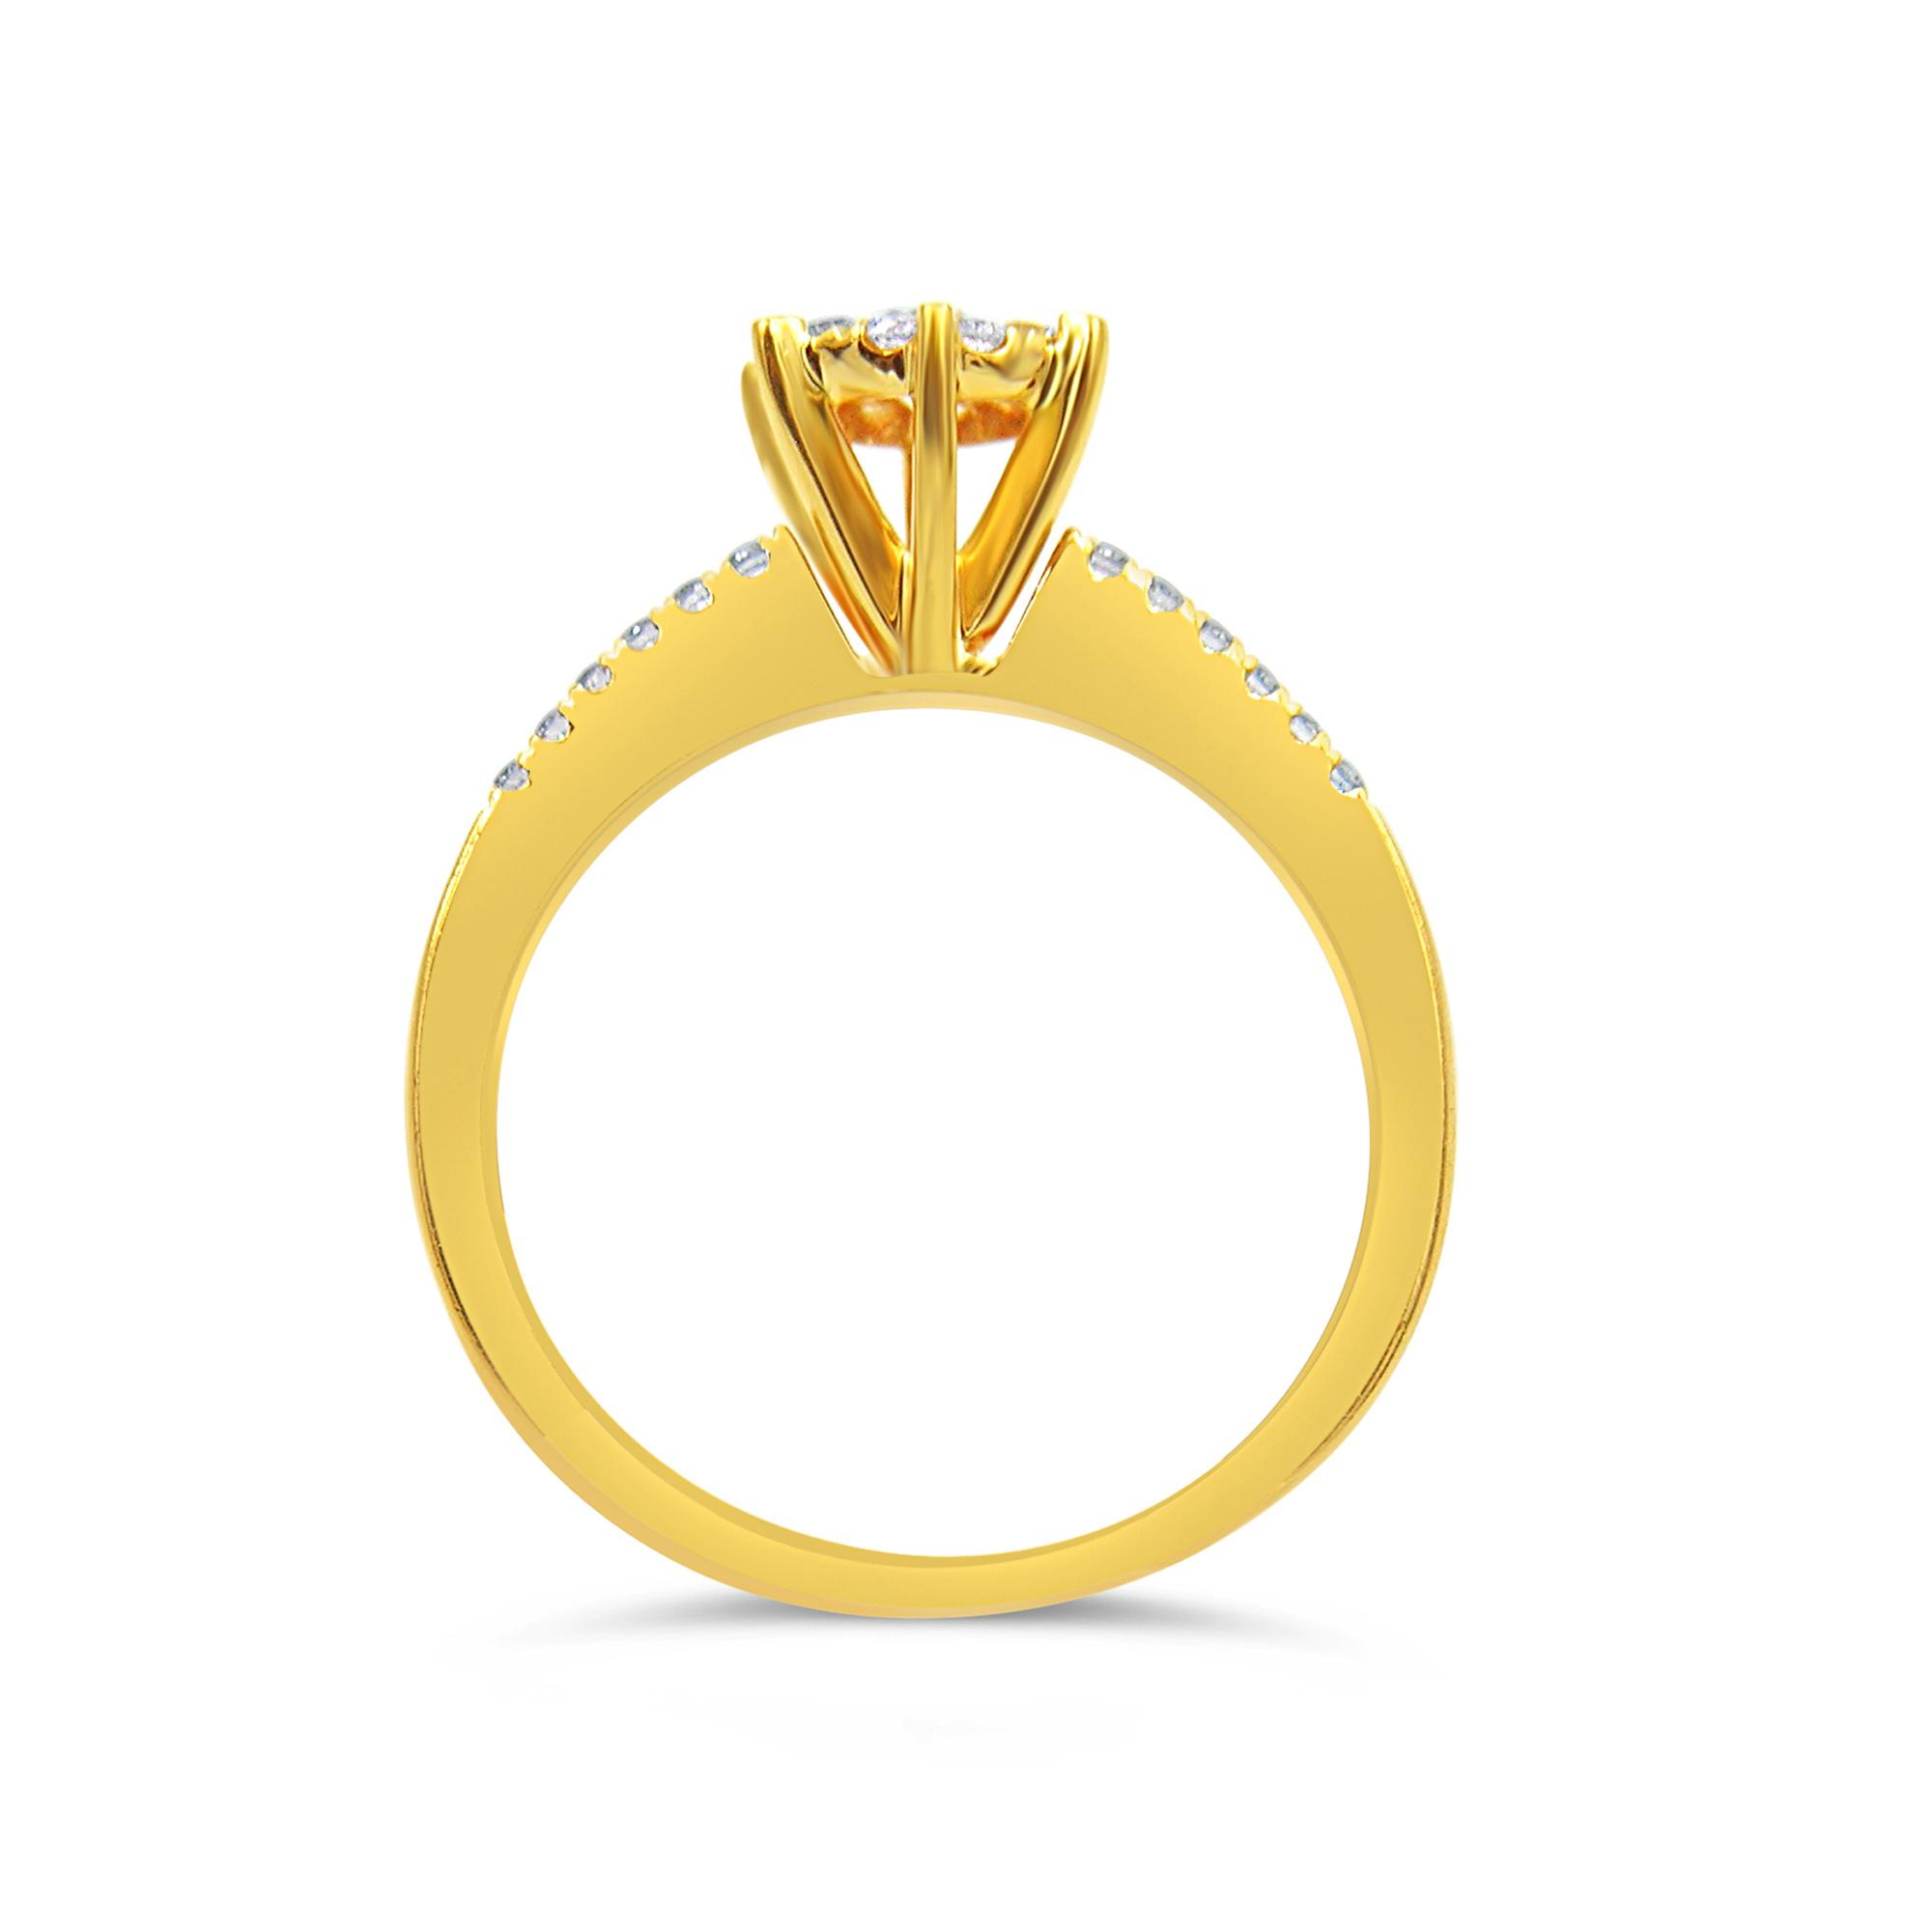 18kt geel goud verlovingsring met 0.36 ct diamanten